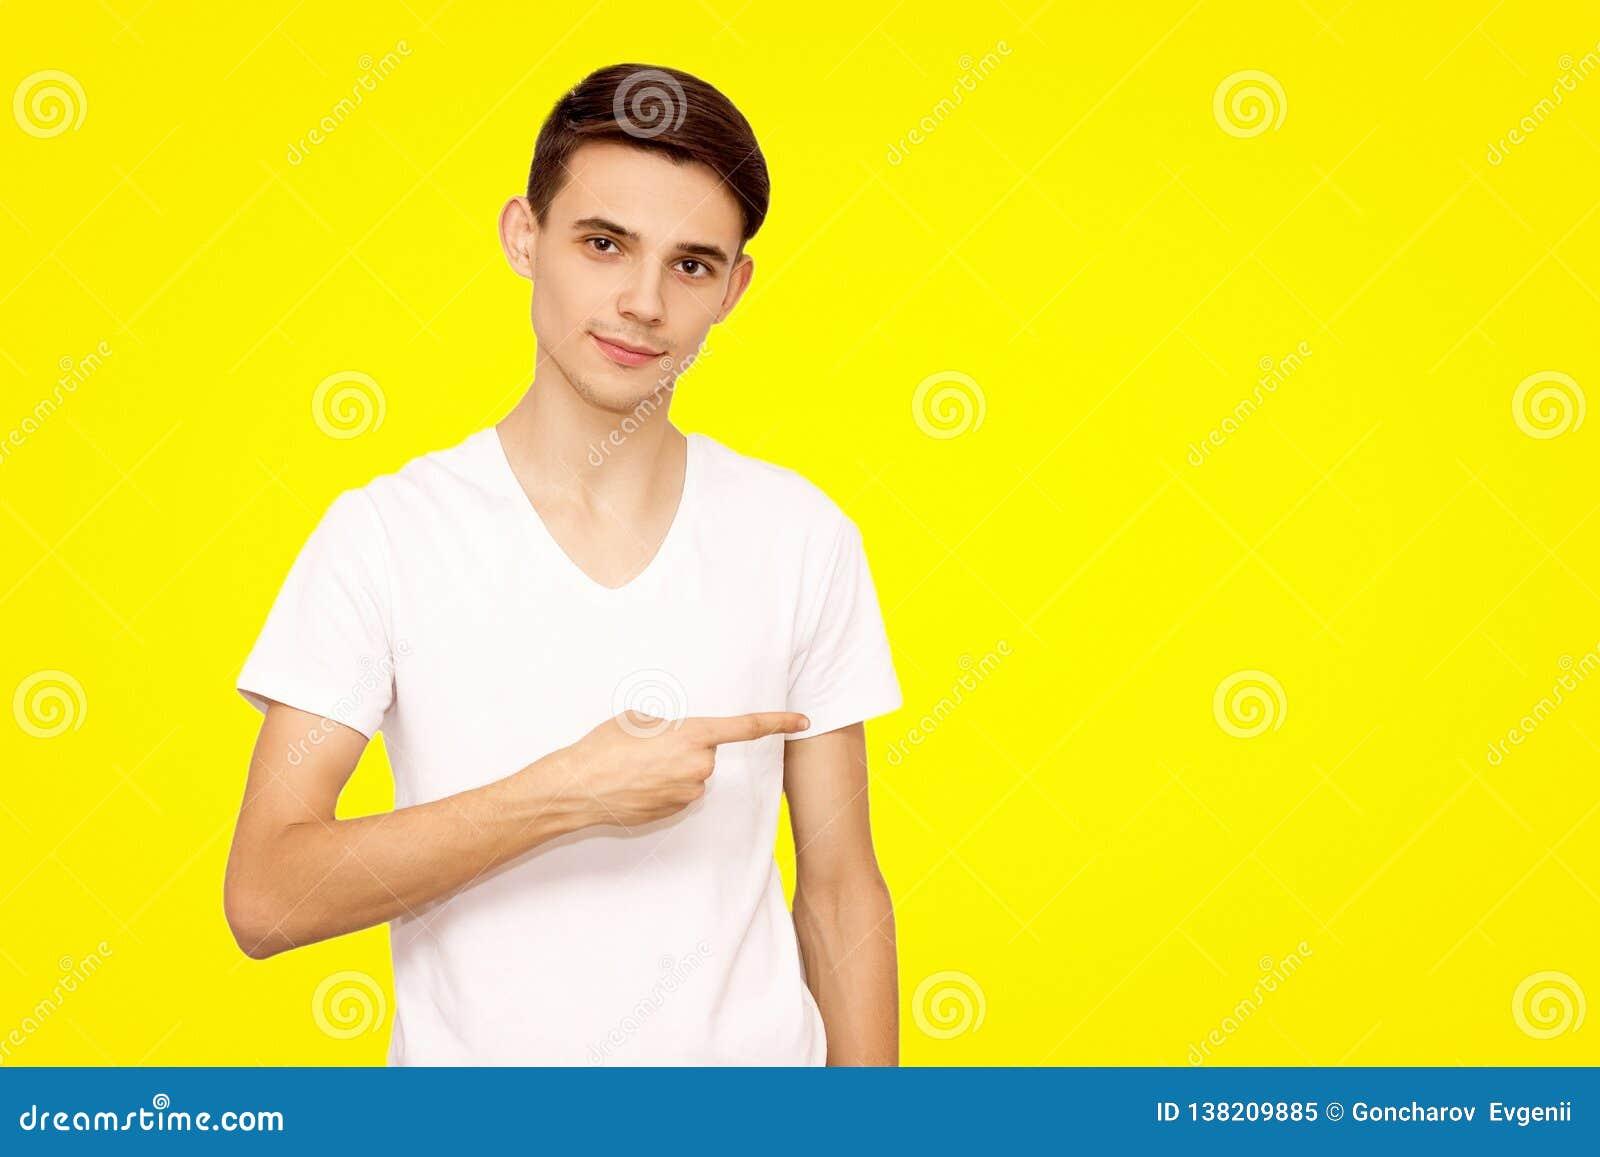 Grabben i en vit t-skjorta annonserar gods som isoleras på en gul bakgrund